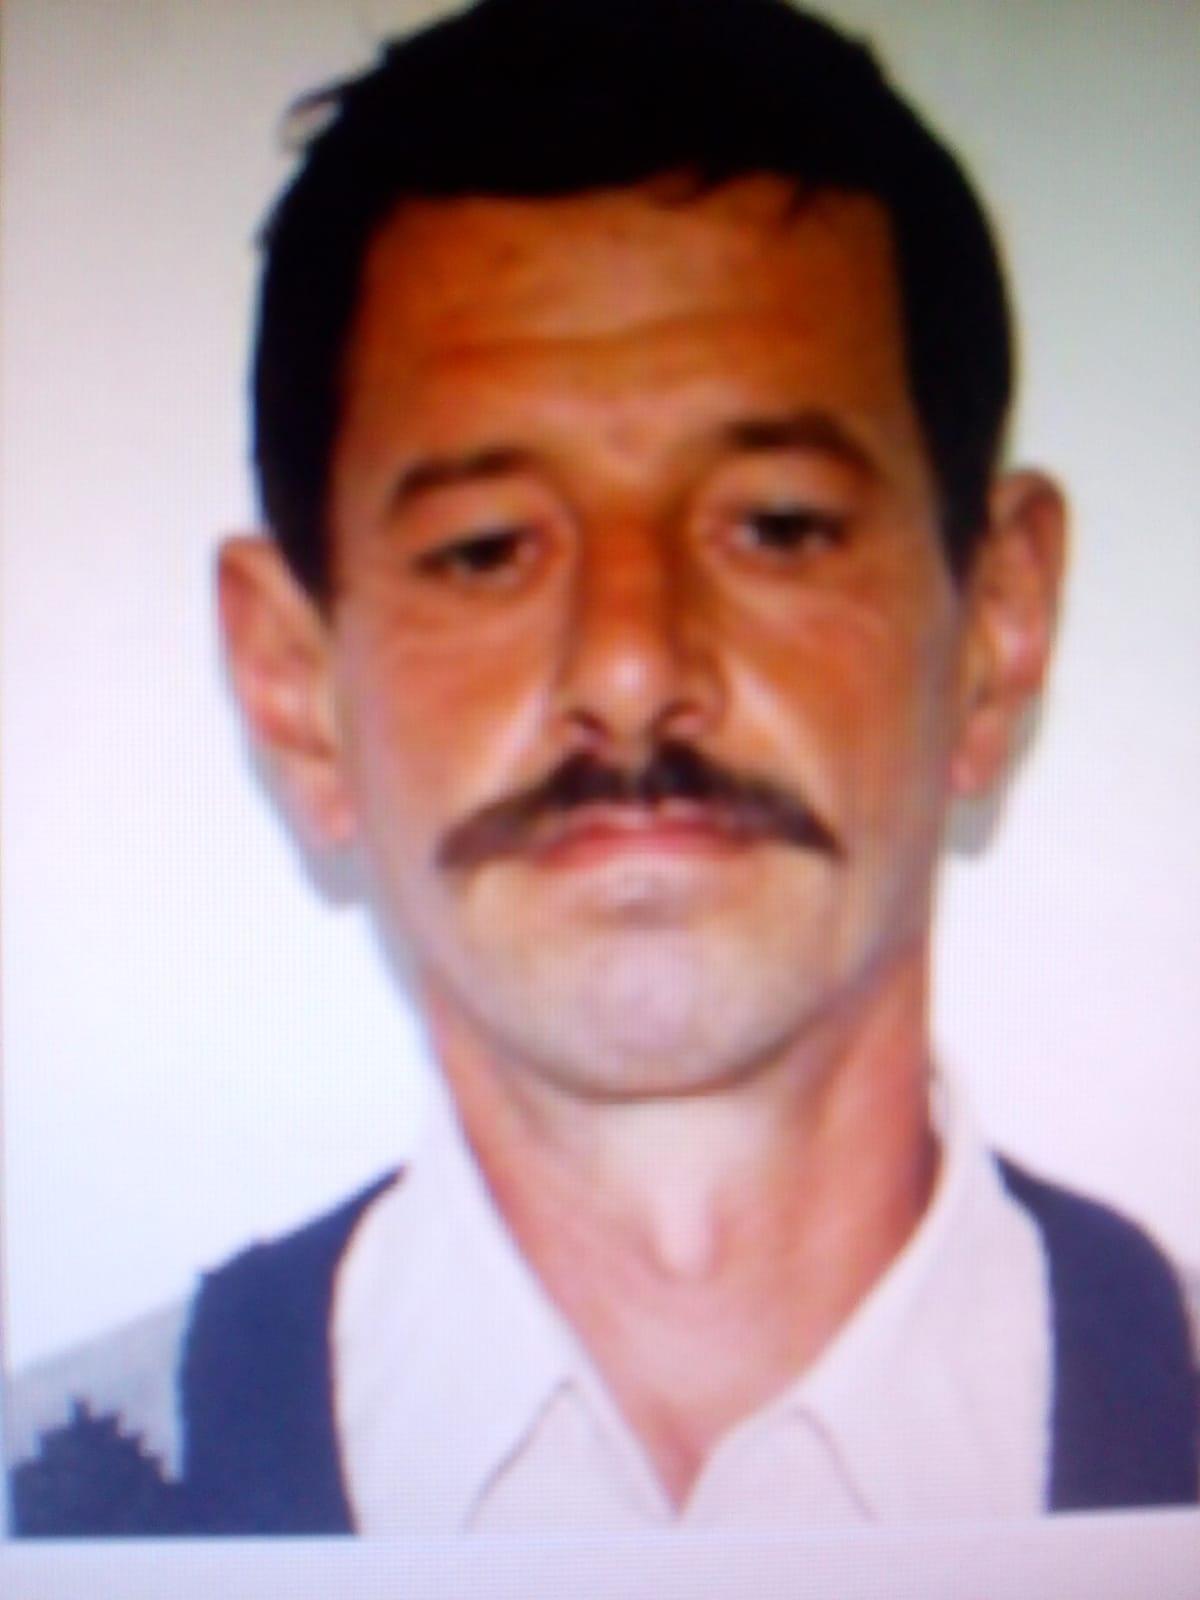 Bărbat dat dispărut de mai bine de o săptămână, căutat de polițiști